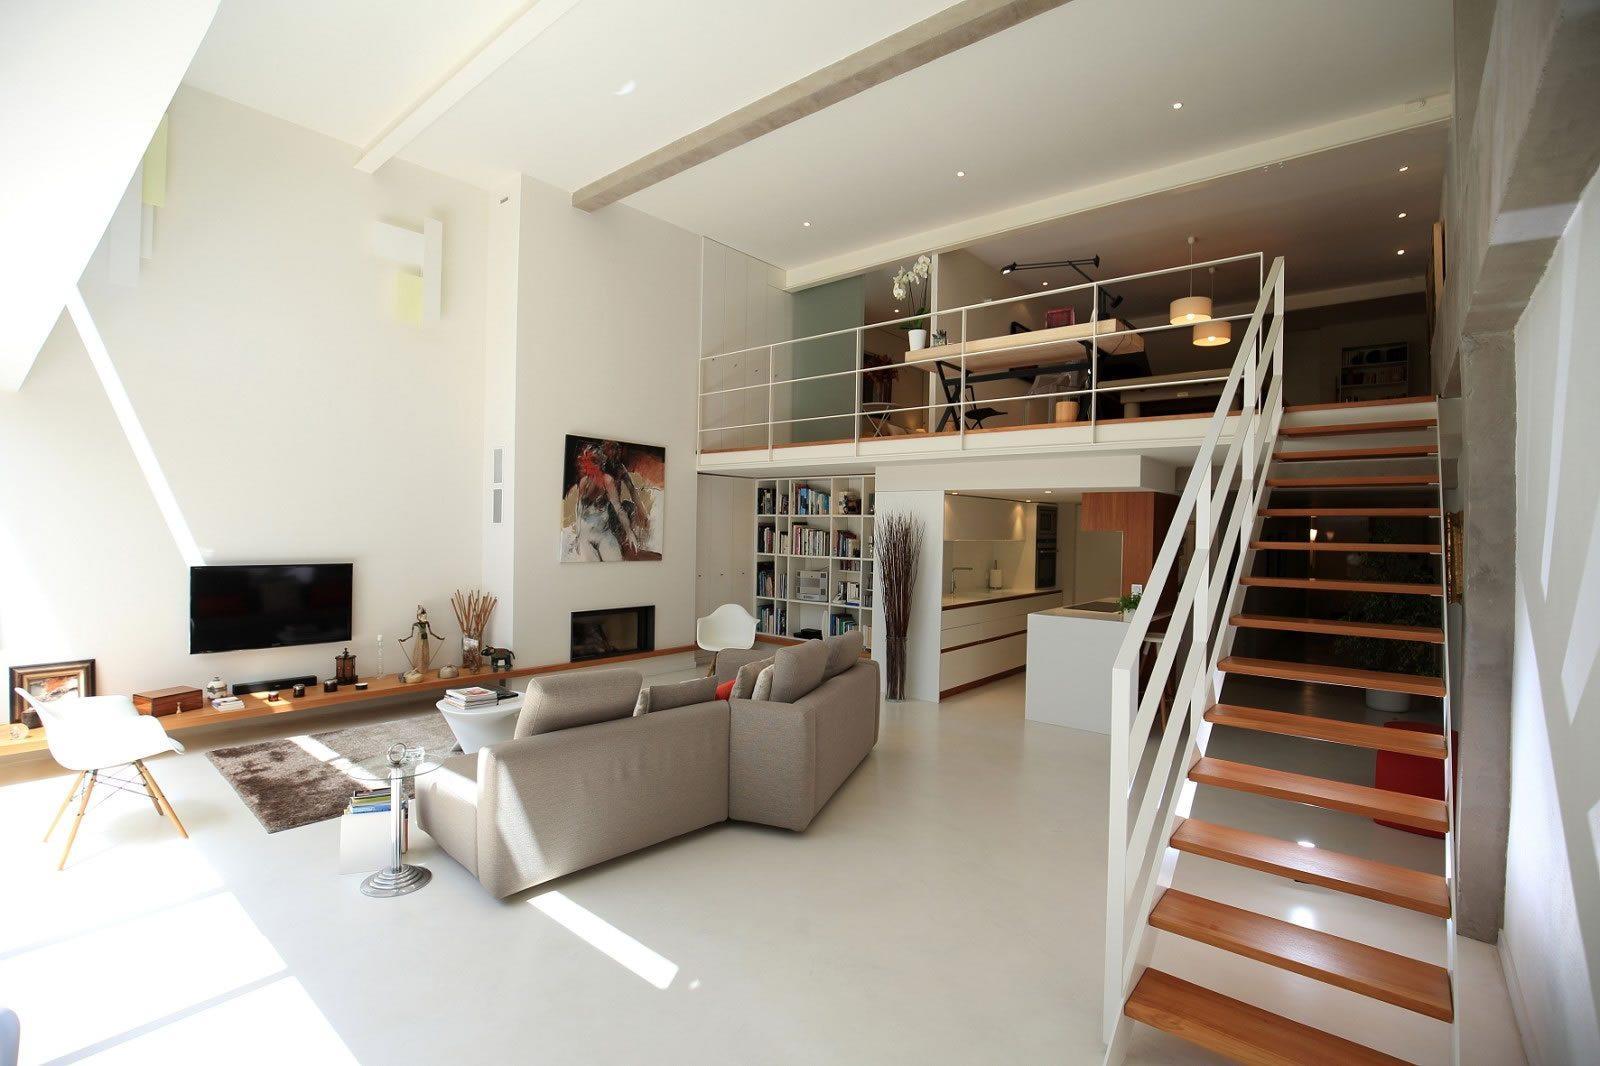 Appartement de style loft de 205 m2 vendre aux chartrons for Appartement type loft